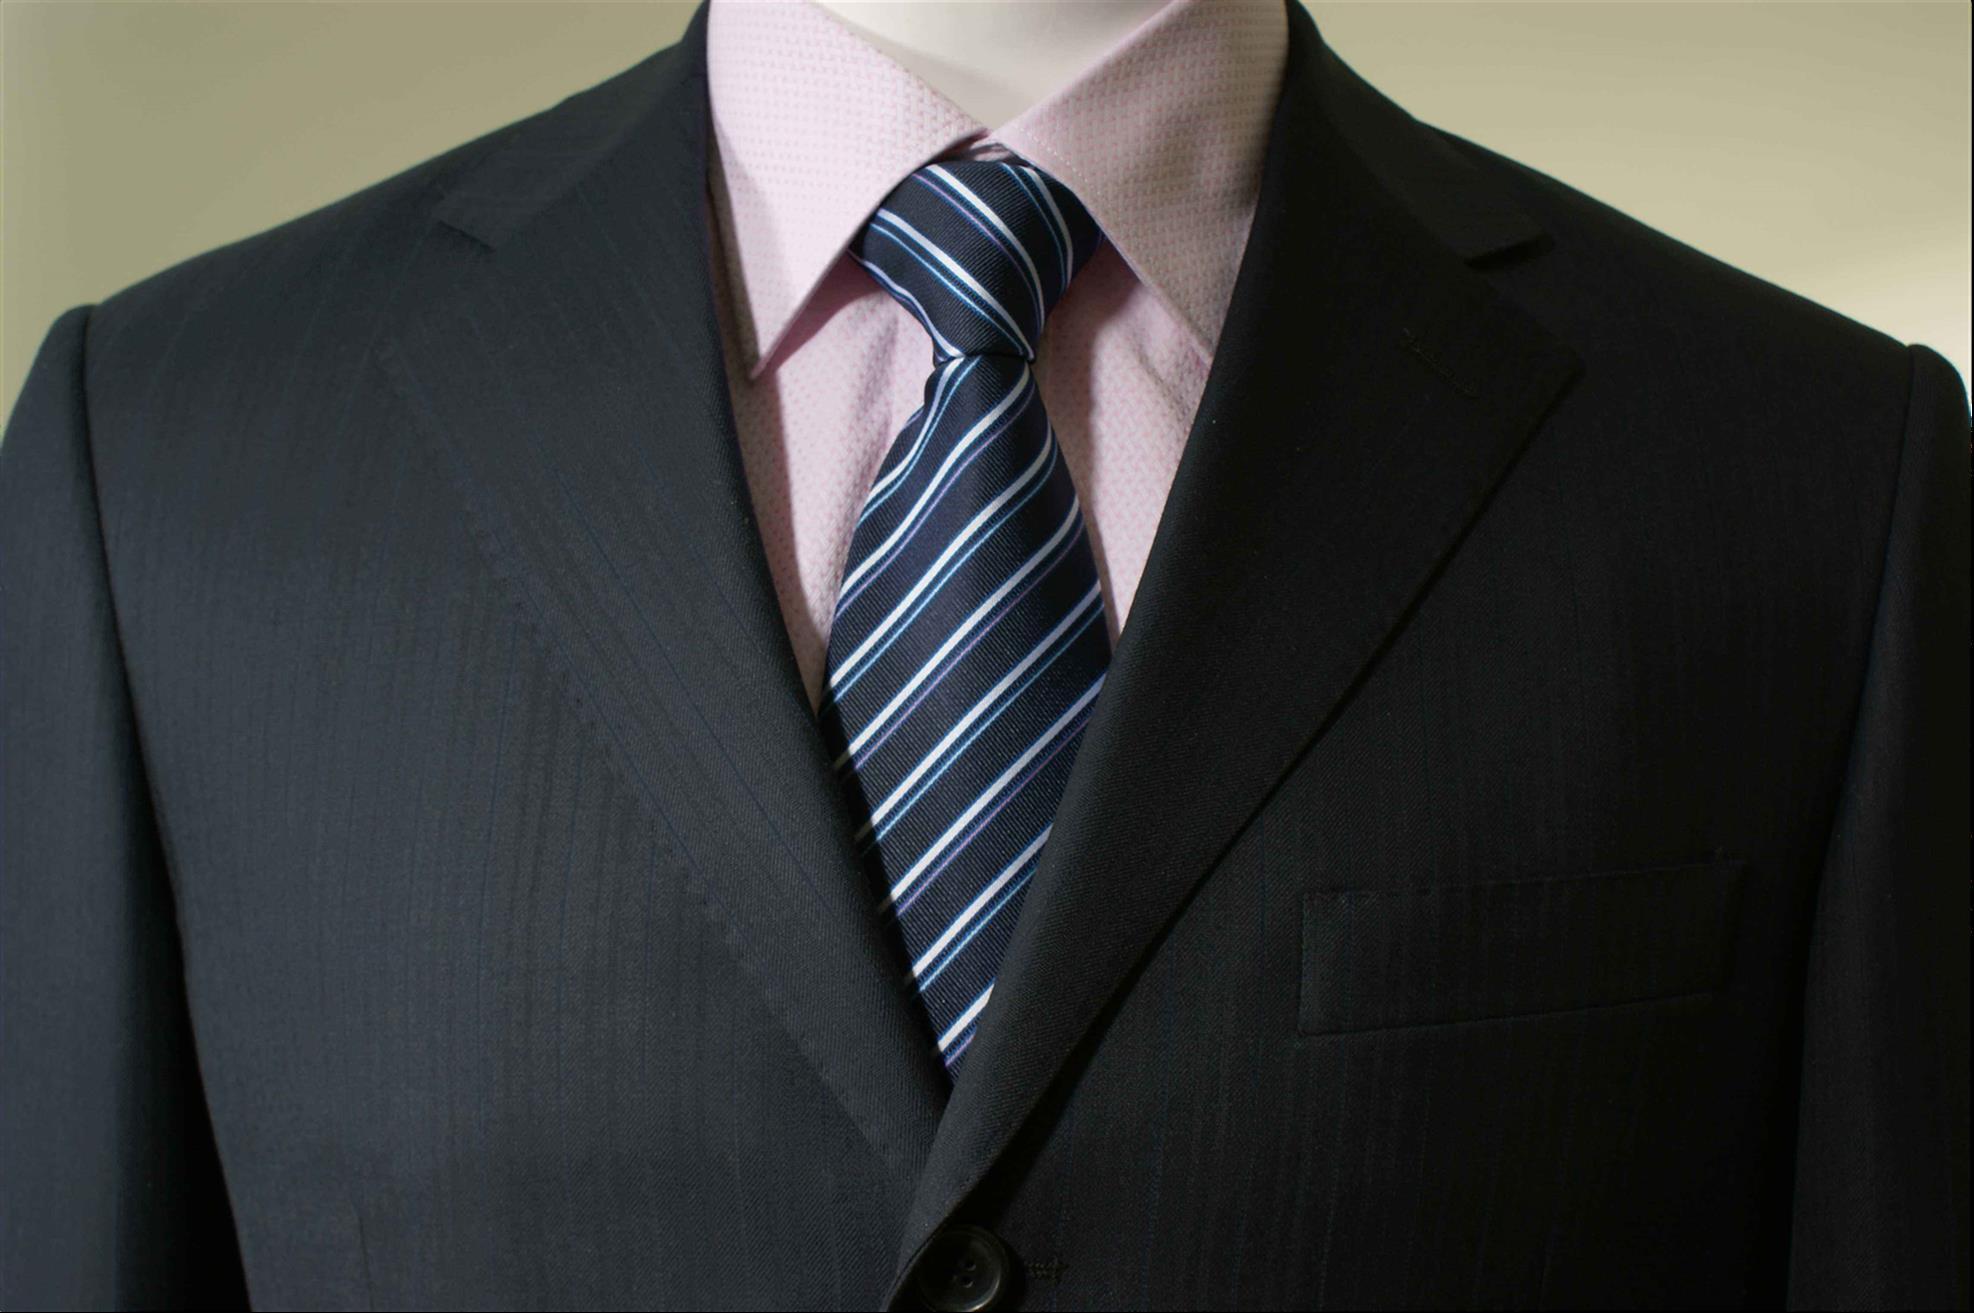 平川结婚服装定做哪家好 免费量体裁衣 睿仕西服定制